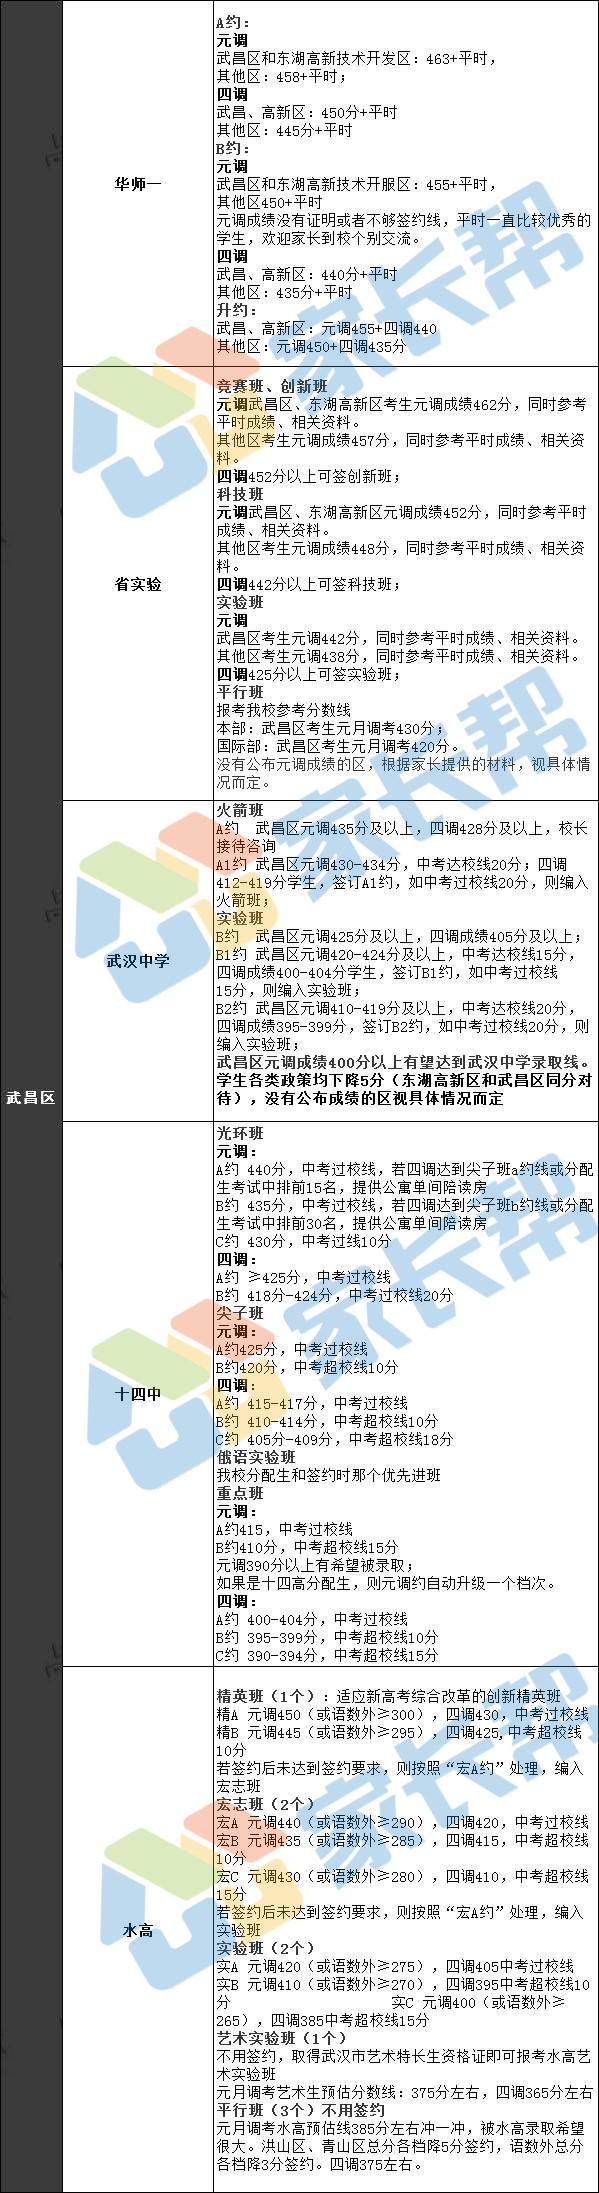 四调签约分数线.jpg